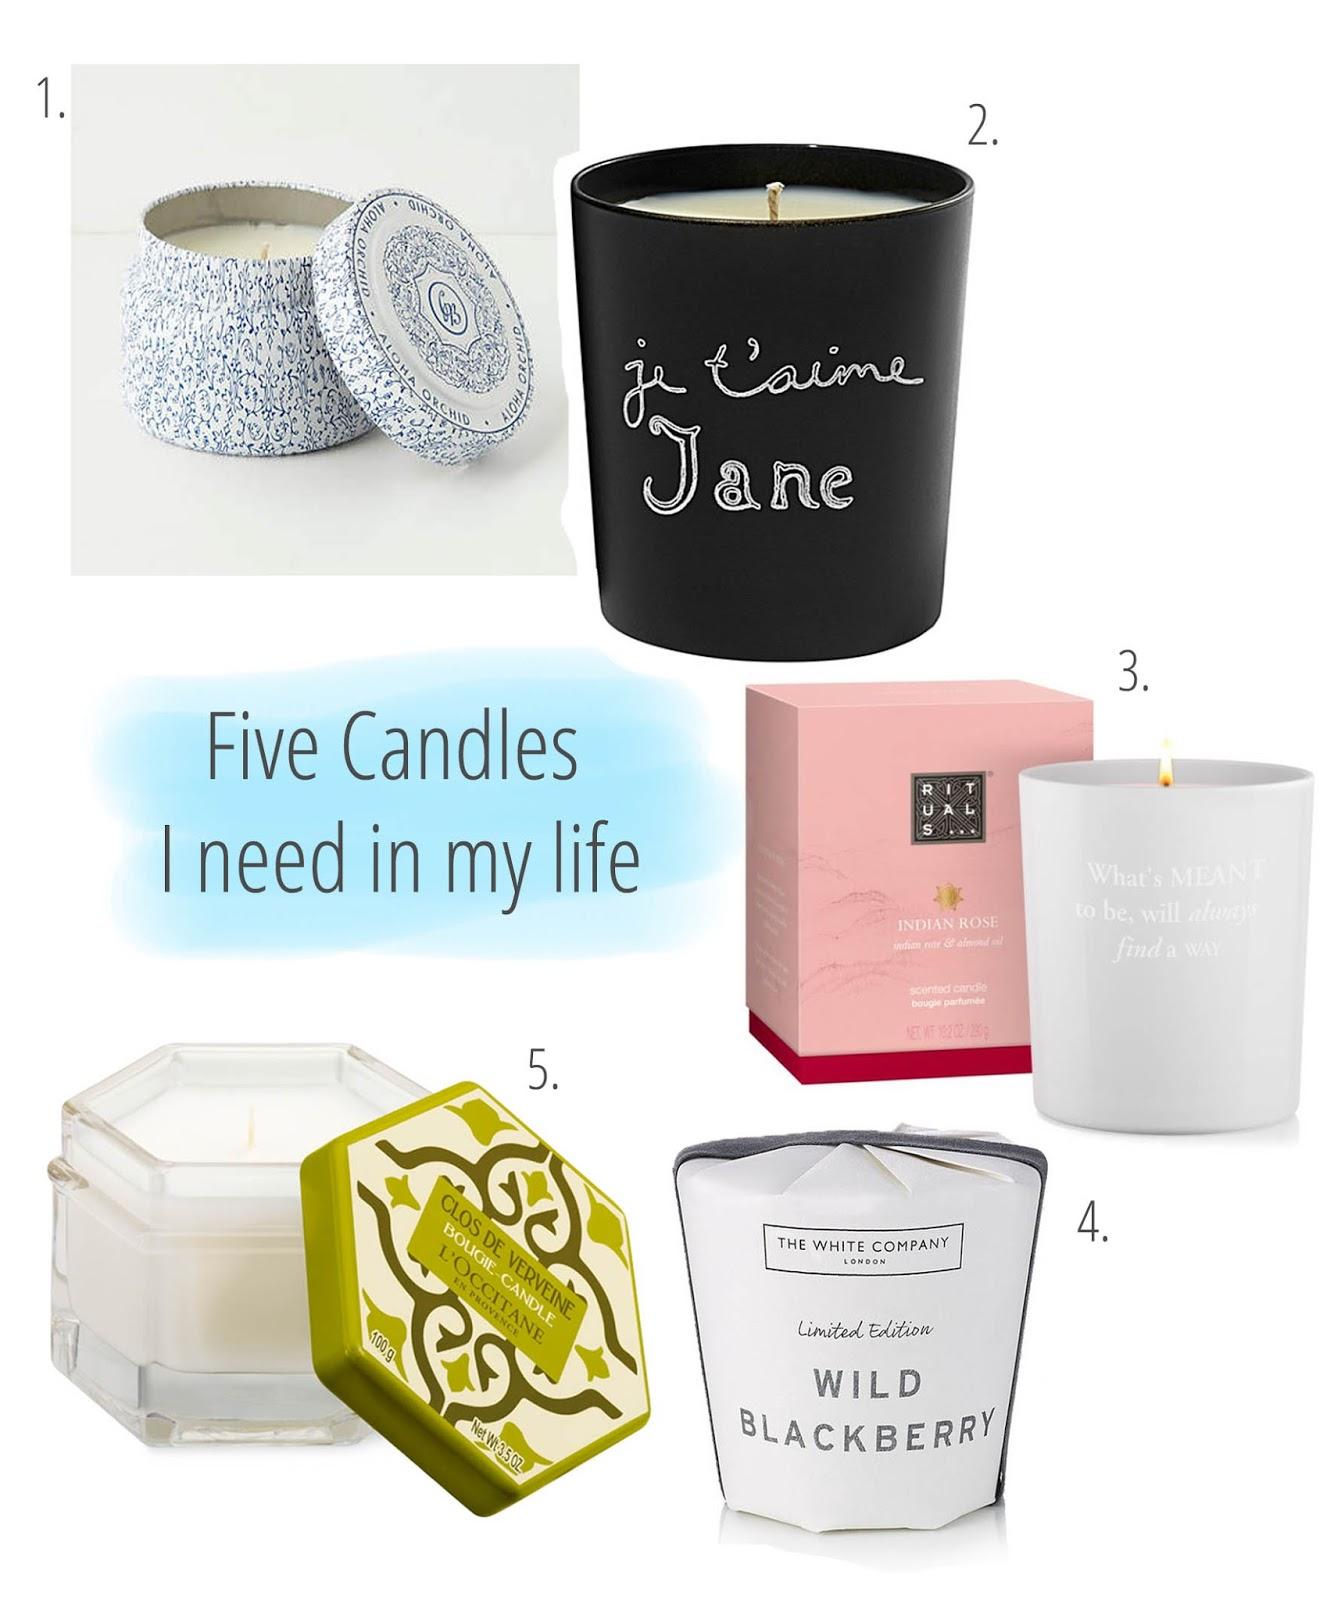 candles, rituals, loccitane, bella freud